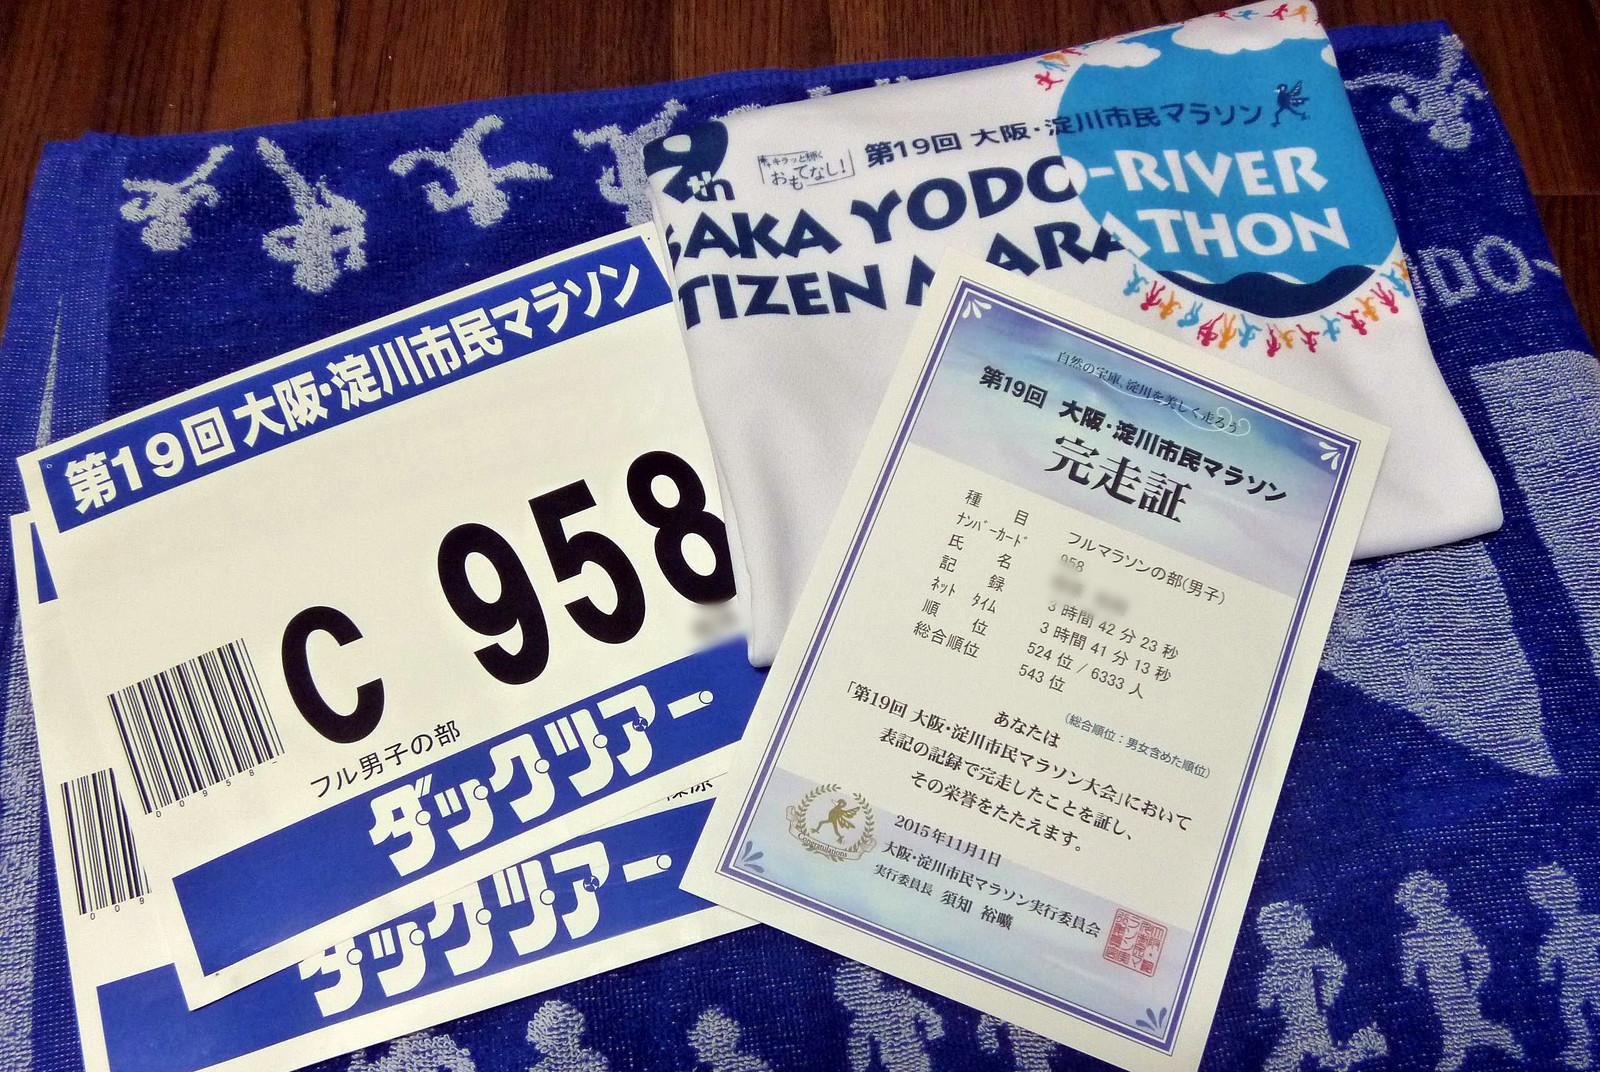 Yodogawamarathon20152